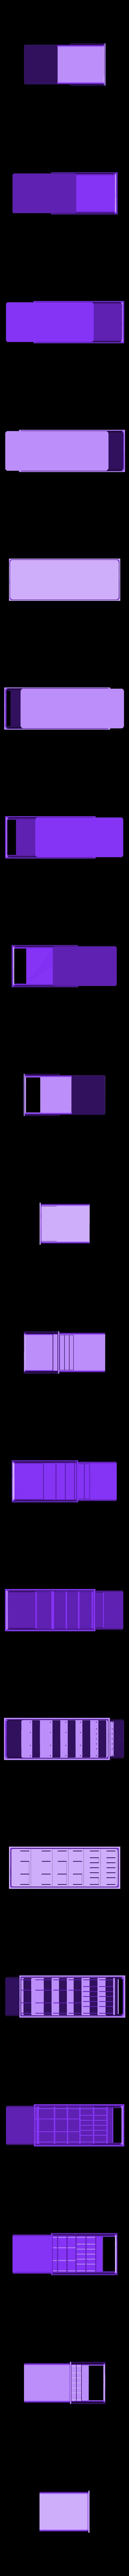 Vending Machine Insert.stl Download free STL file Scale Model Vending Machine • Design to 3D print, itzu